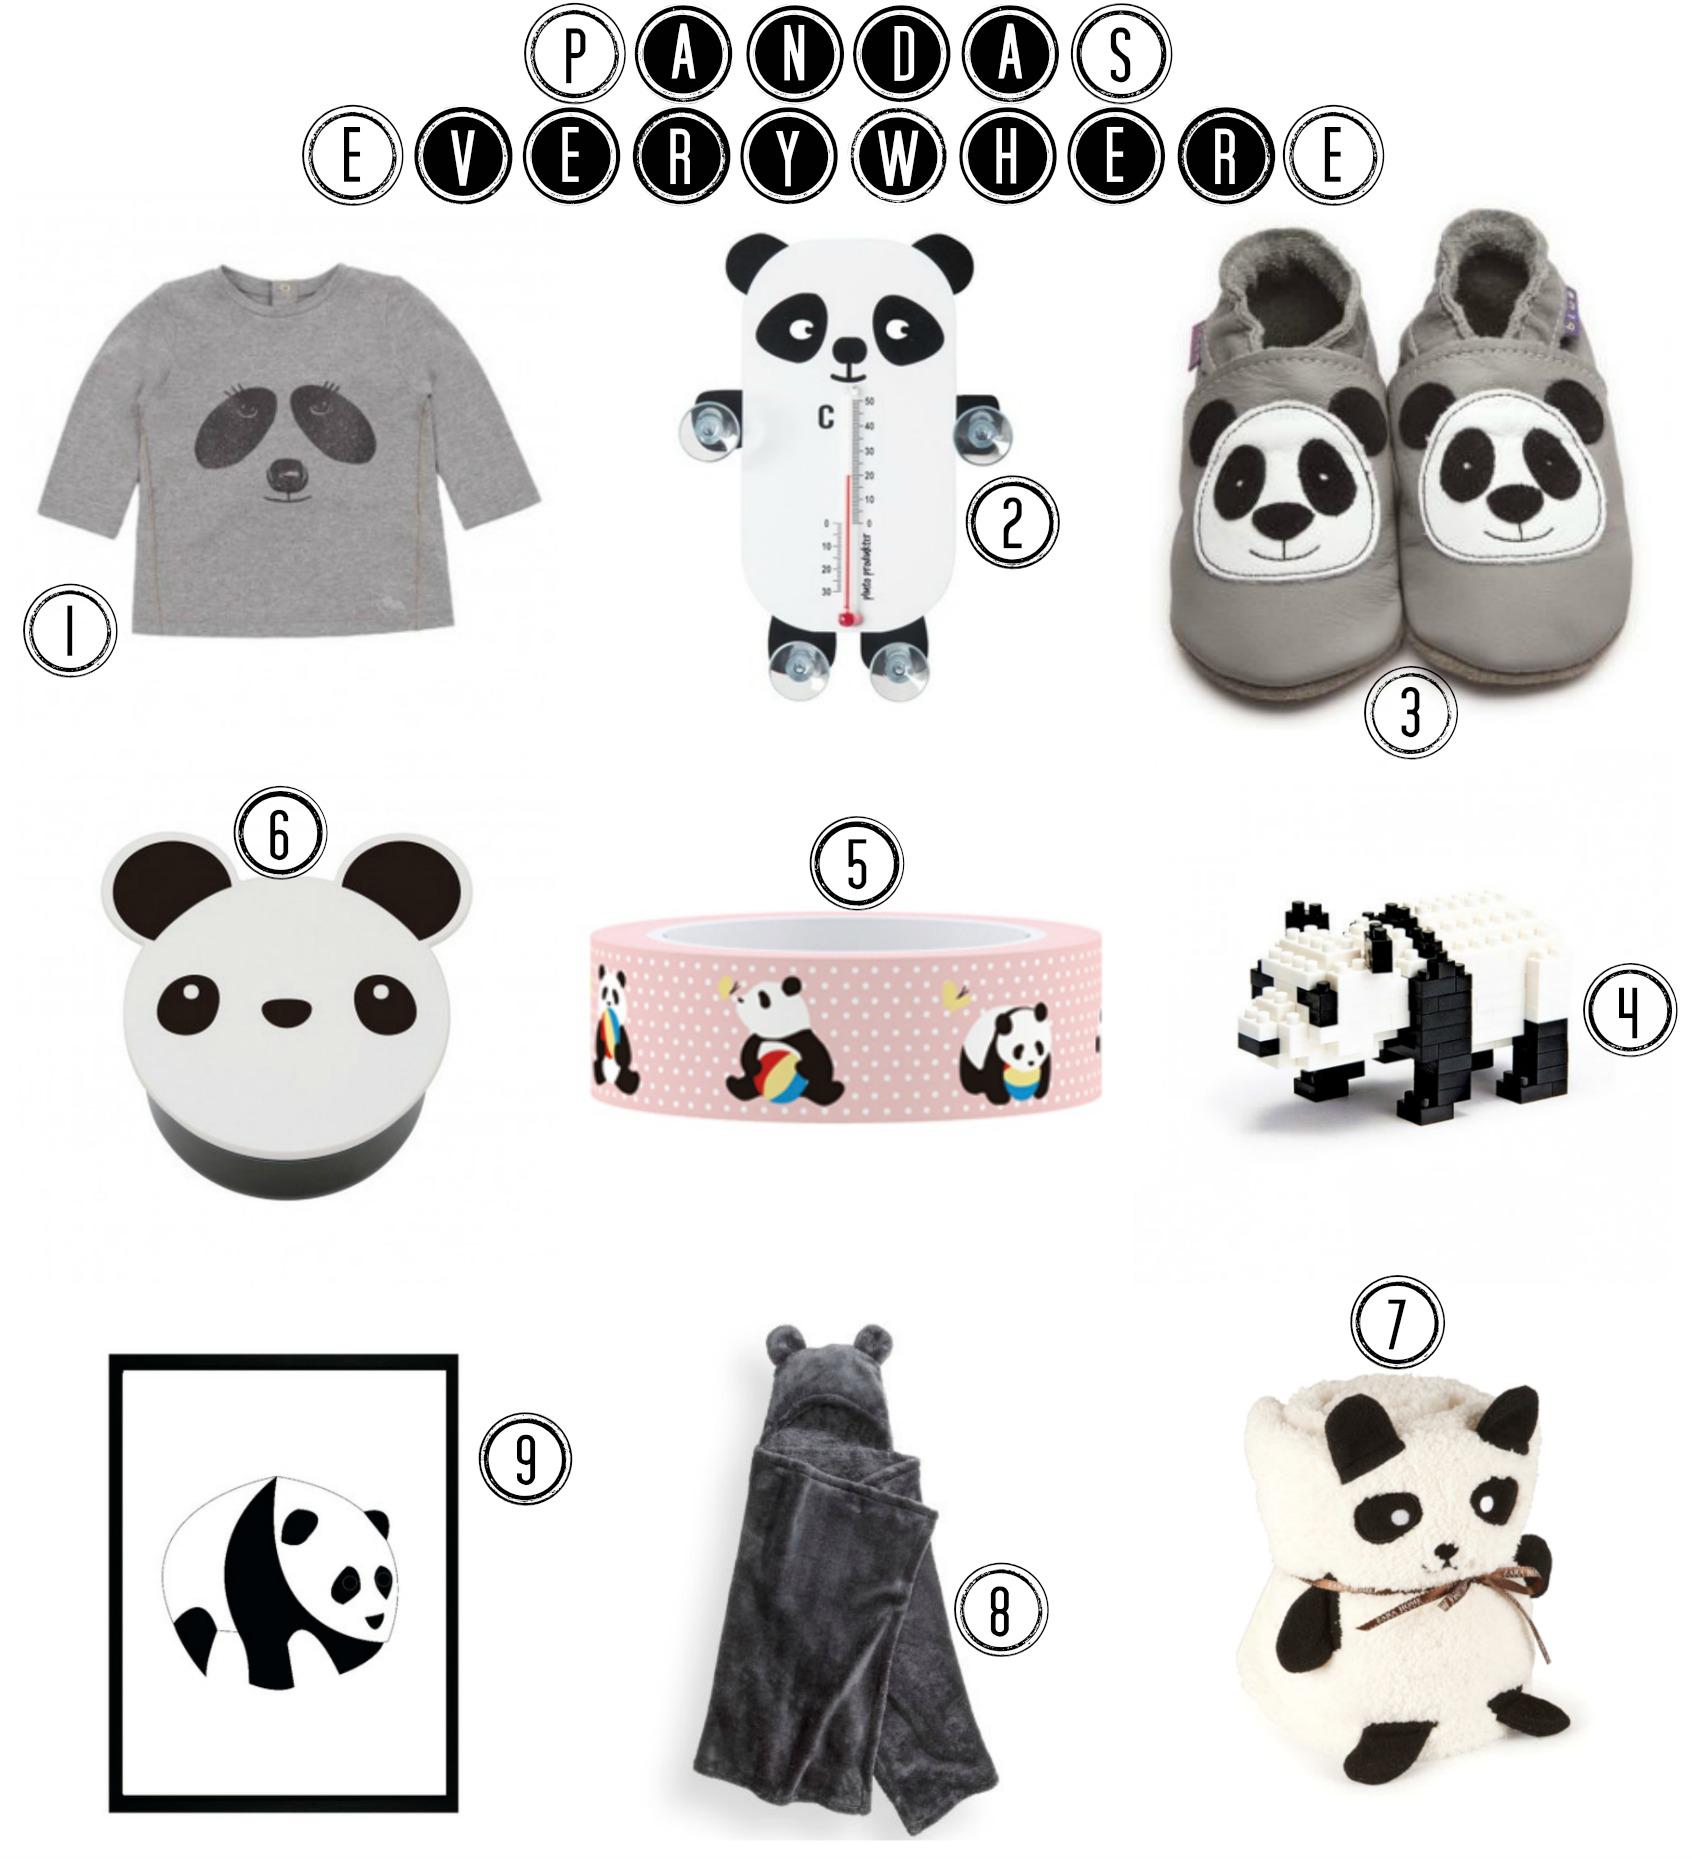 Pandas-Everywhere